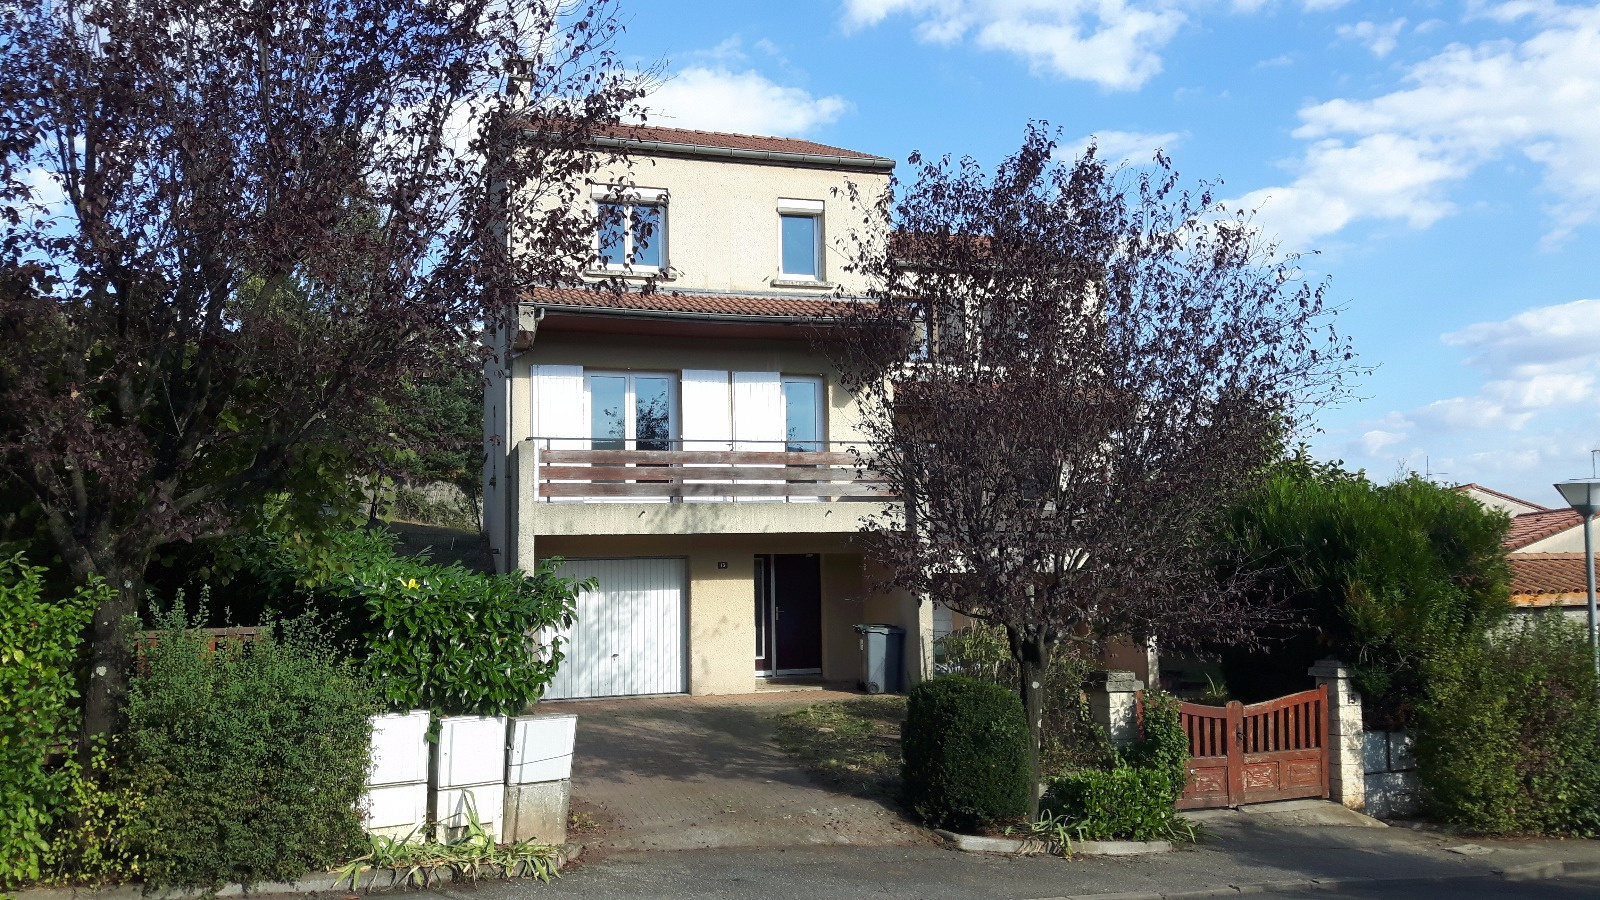 Annonce location maison saint chamond 42400 115 m 890 992734189244 - Saint chamond 42400 ...